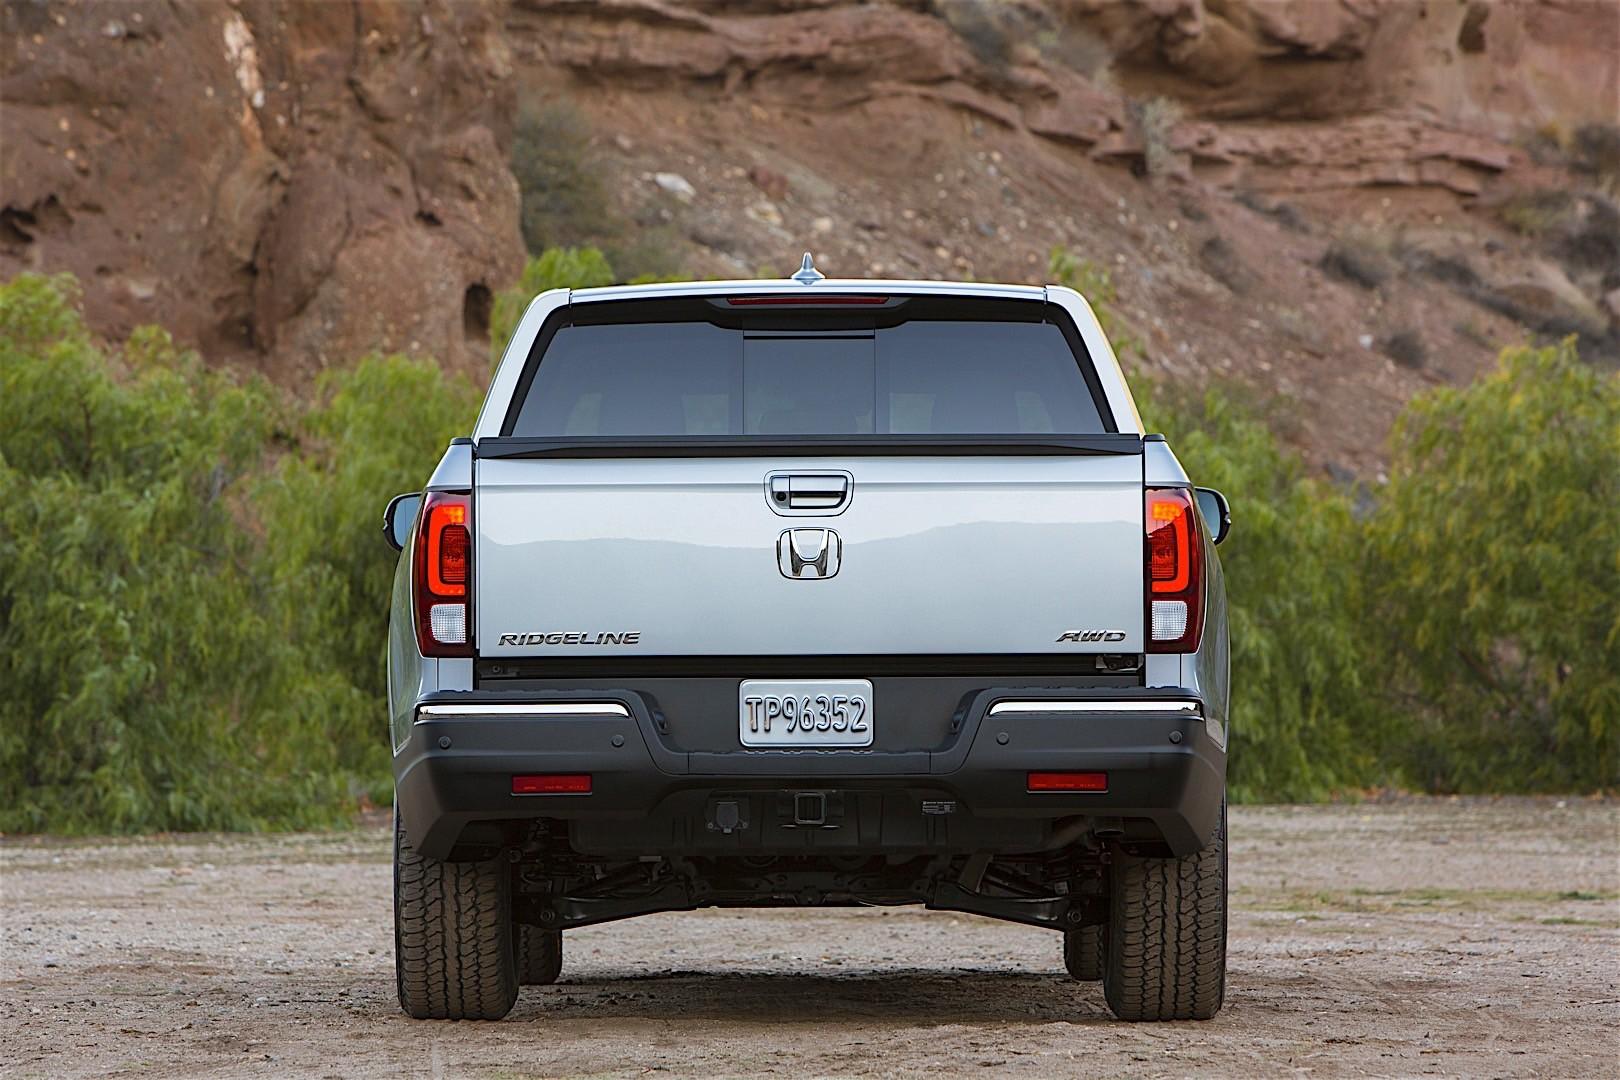 Image Result For Honda Ridgeline Driving Lights